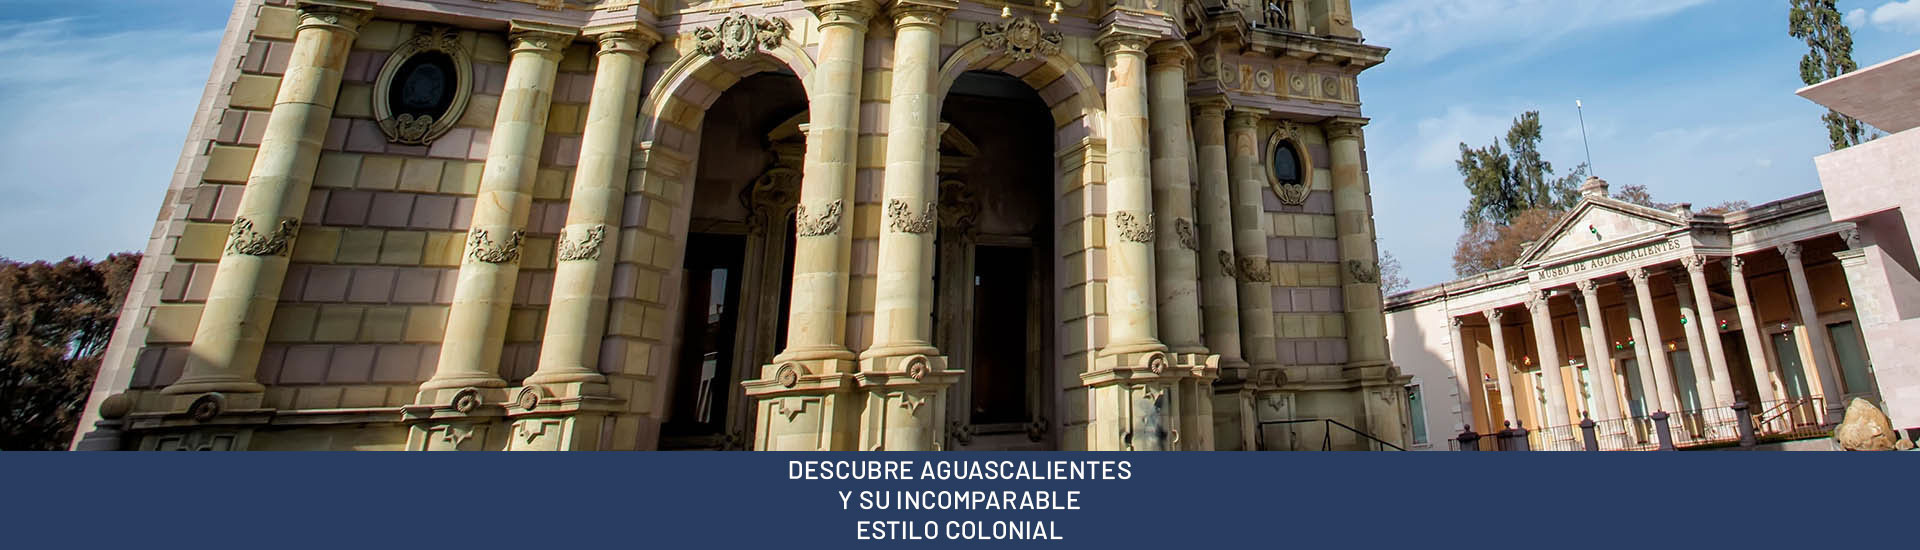 DESCUBRE AGUASCALIENTES Y SU INCOMPARABLE ESTILO COLONIAL